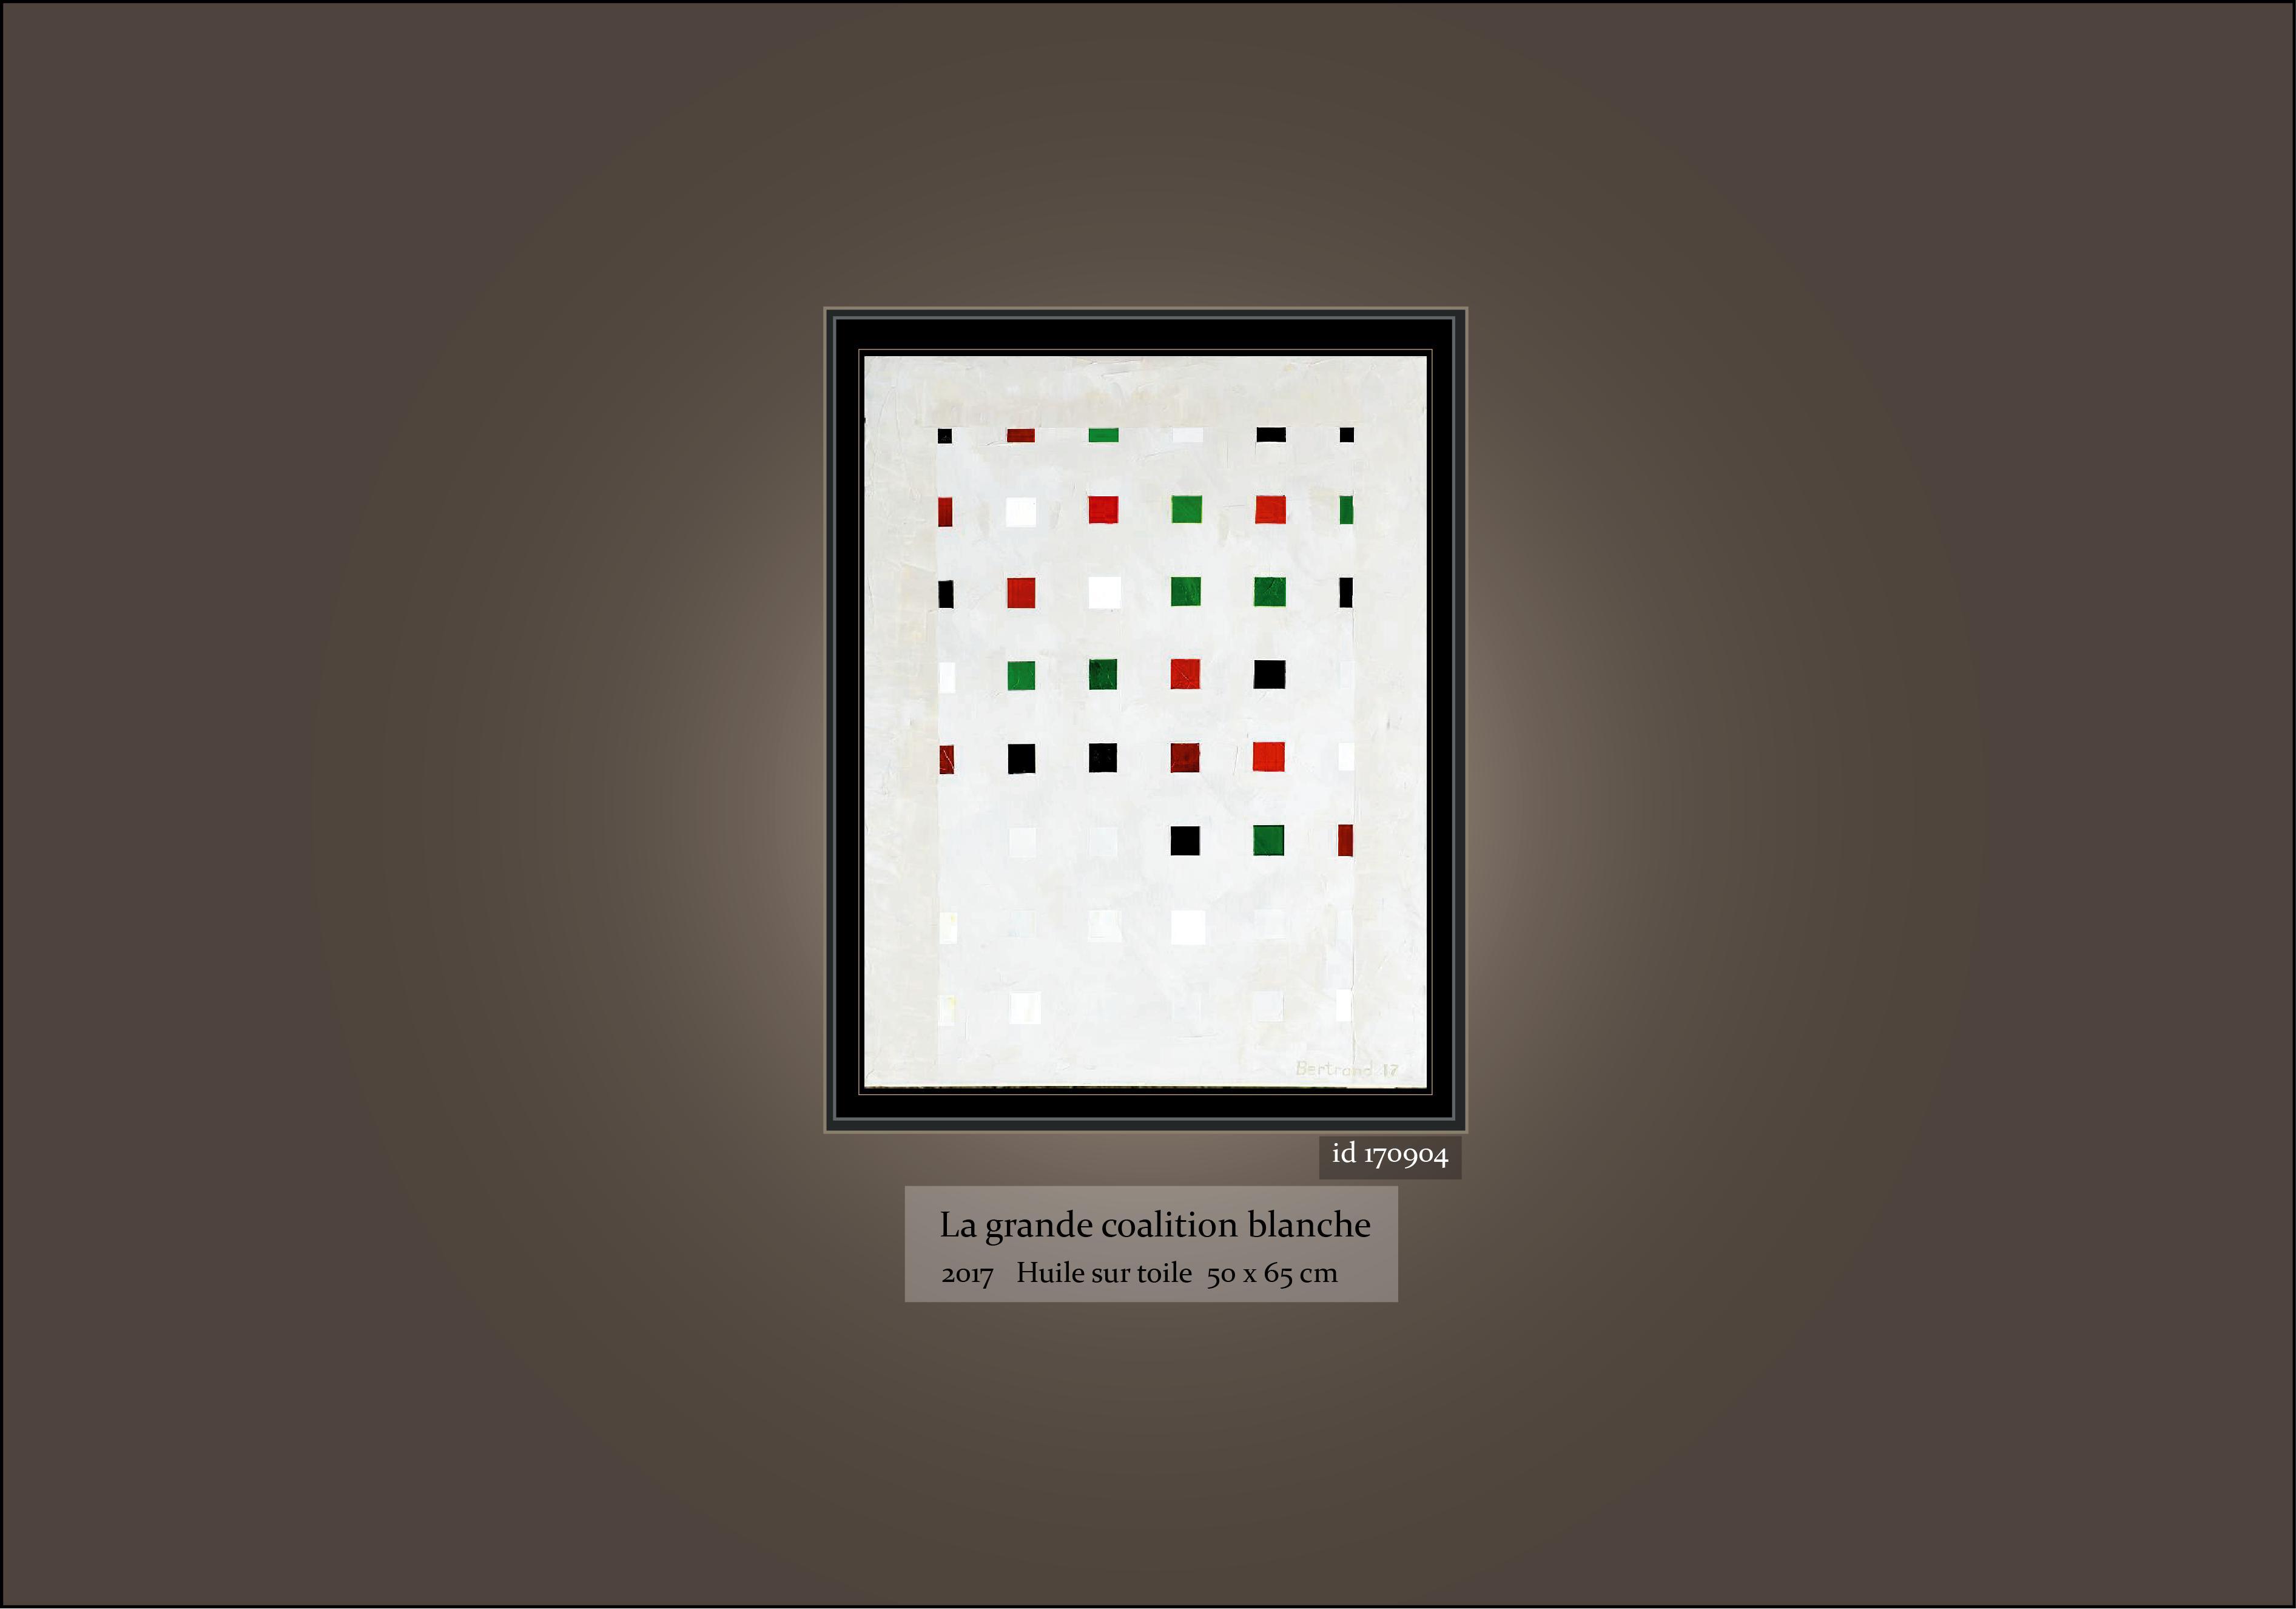 170904 LA GRANDE COALITION BLANCHE